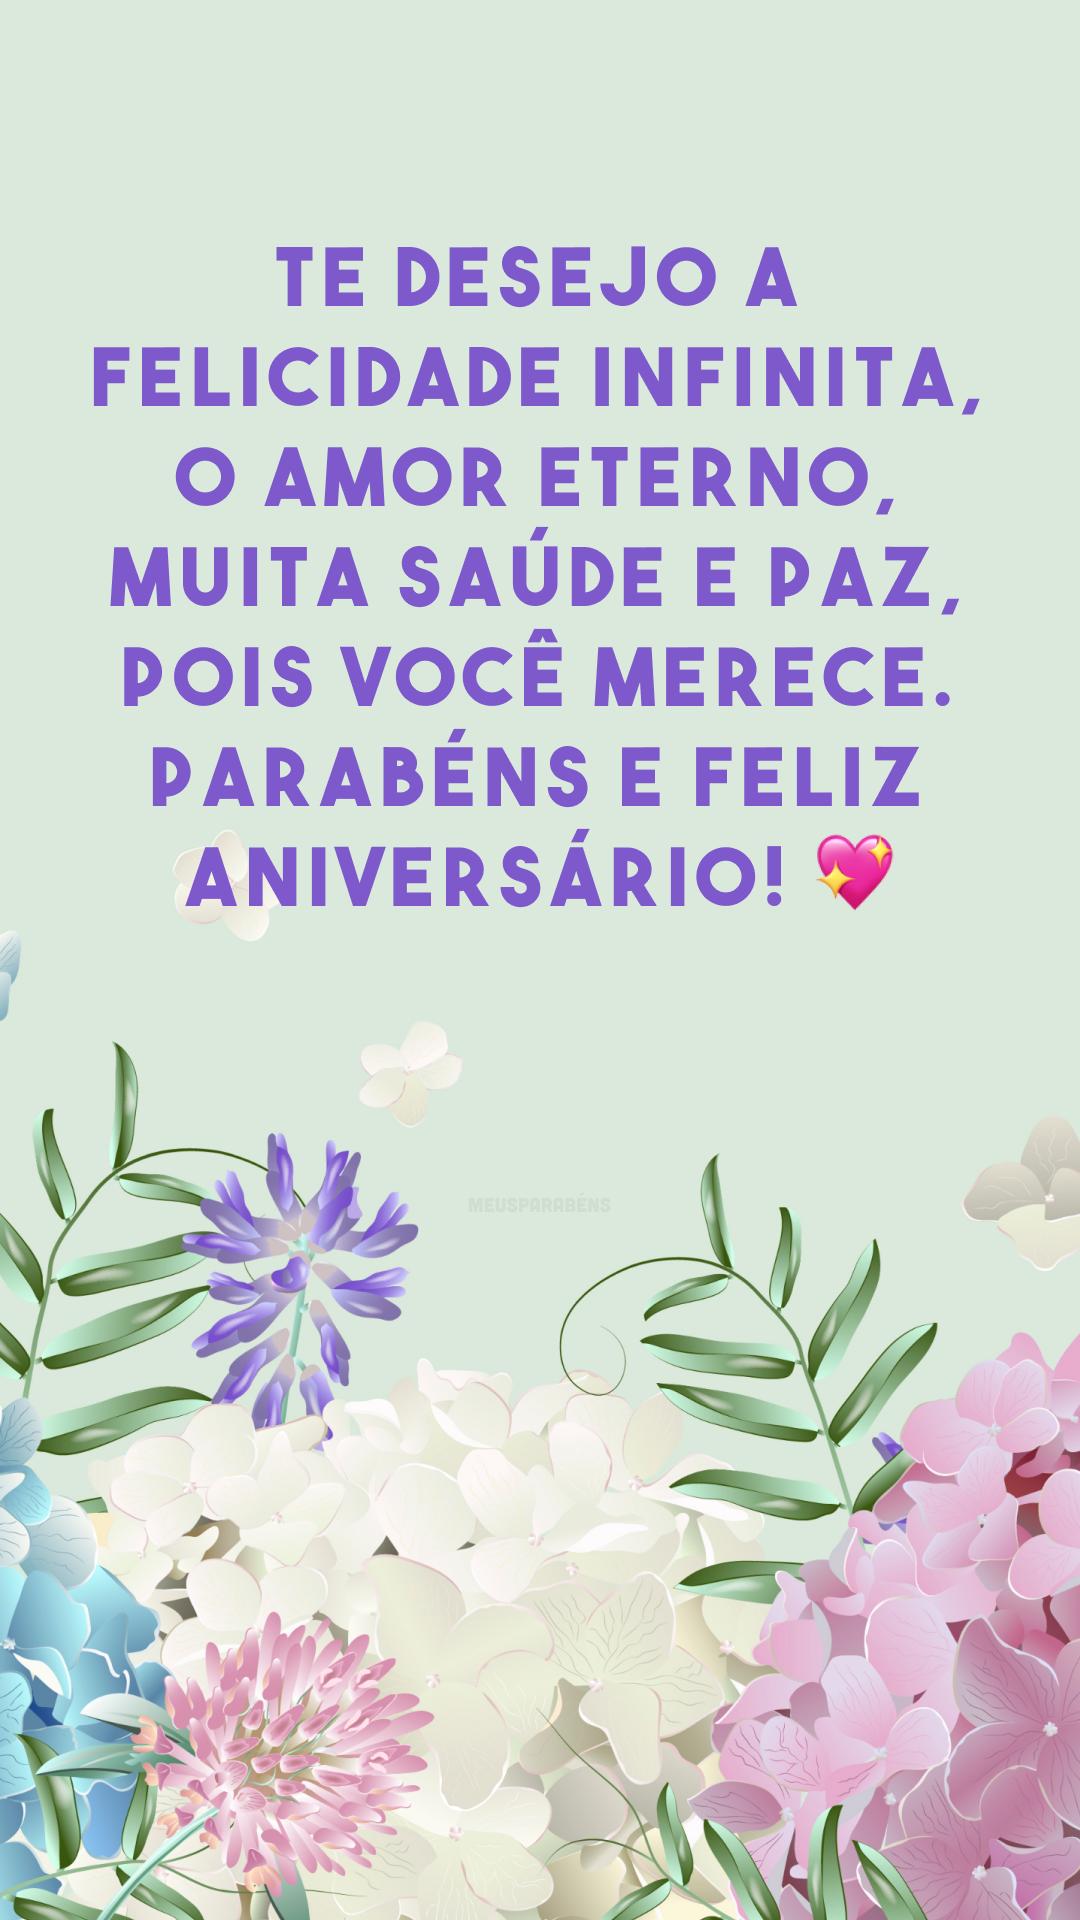 Te desejo a felicidade infinita, o amor eterno, muita saúde e paz, pois você merece. Parabéns e feliz aniversário! 💖